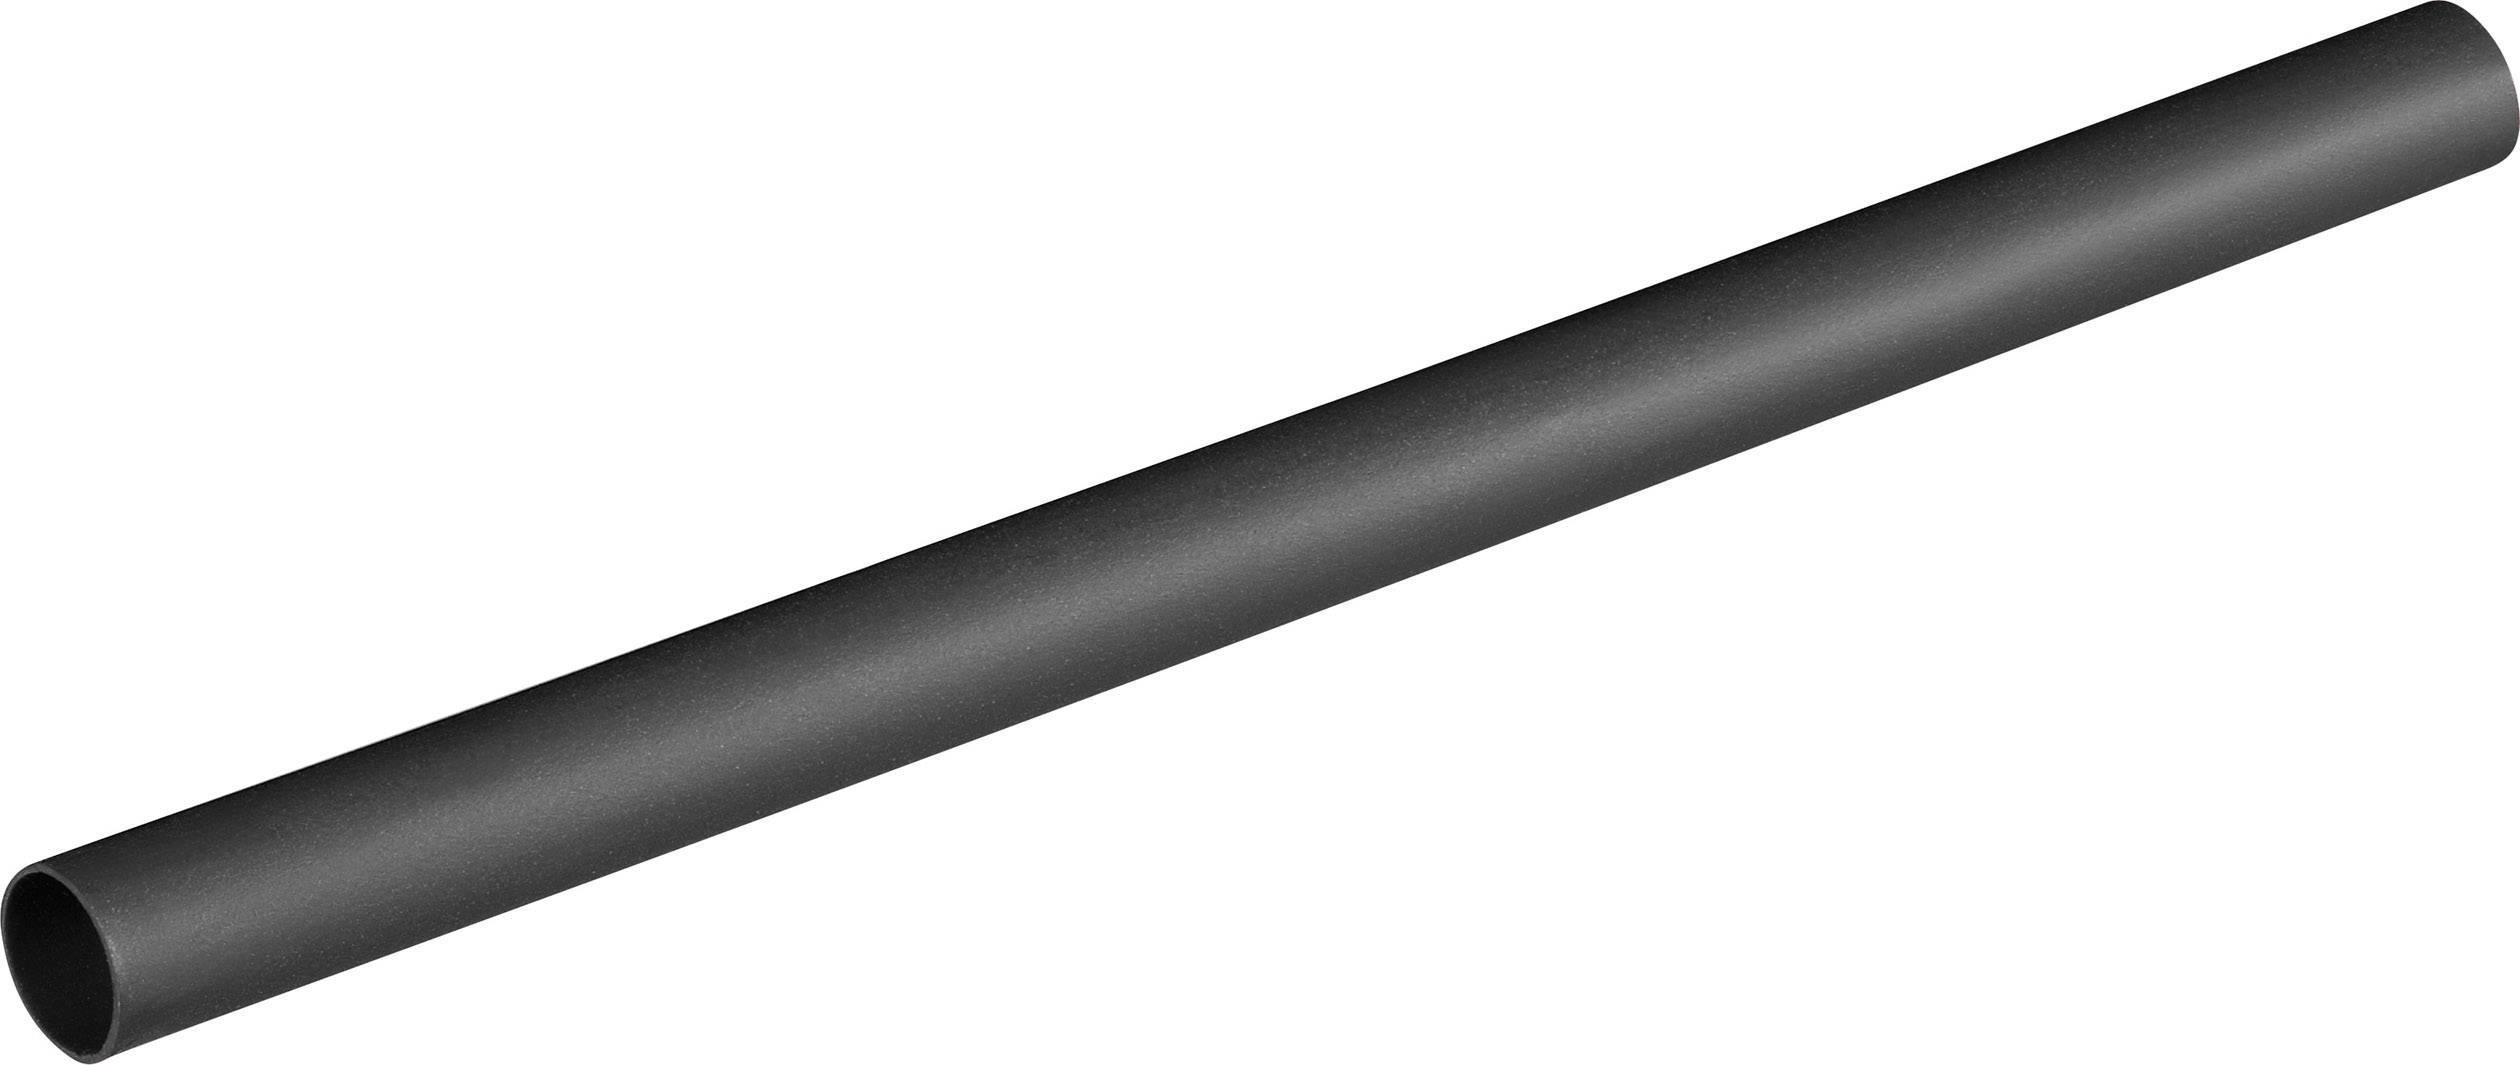 Zmršťovacia bužírka bez lepidla AlphaWire F221 3/8 BK, 2:1, 10 mm, čierna, 1.2 m